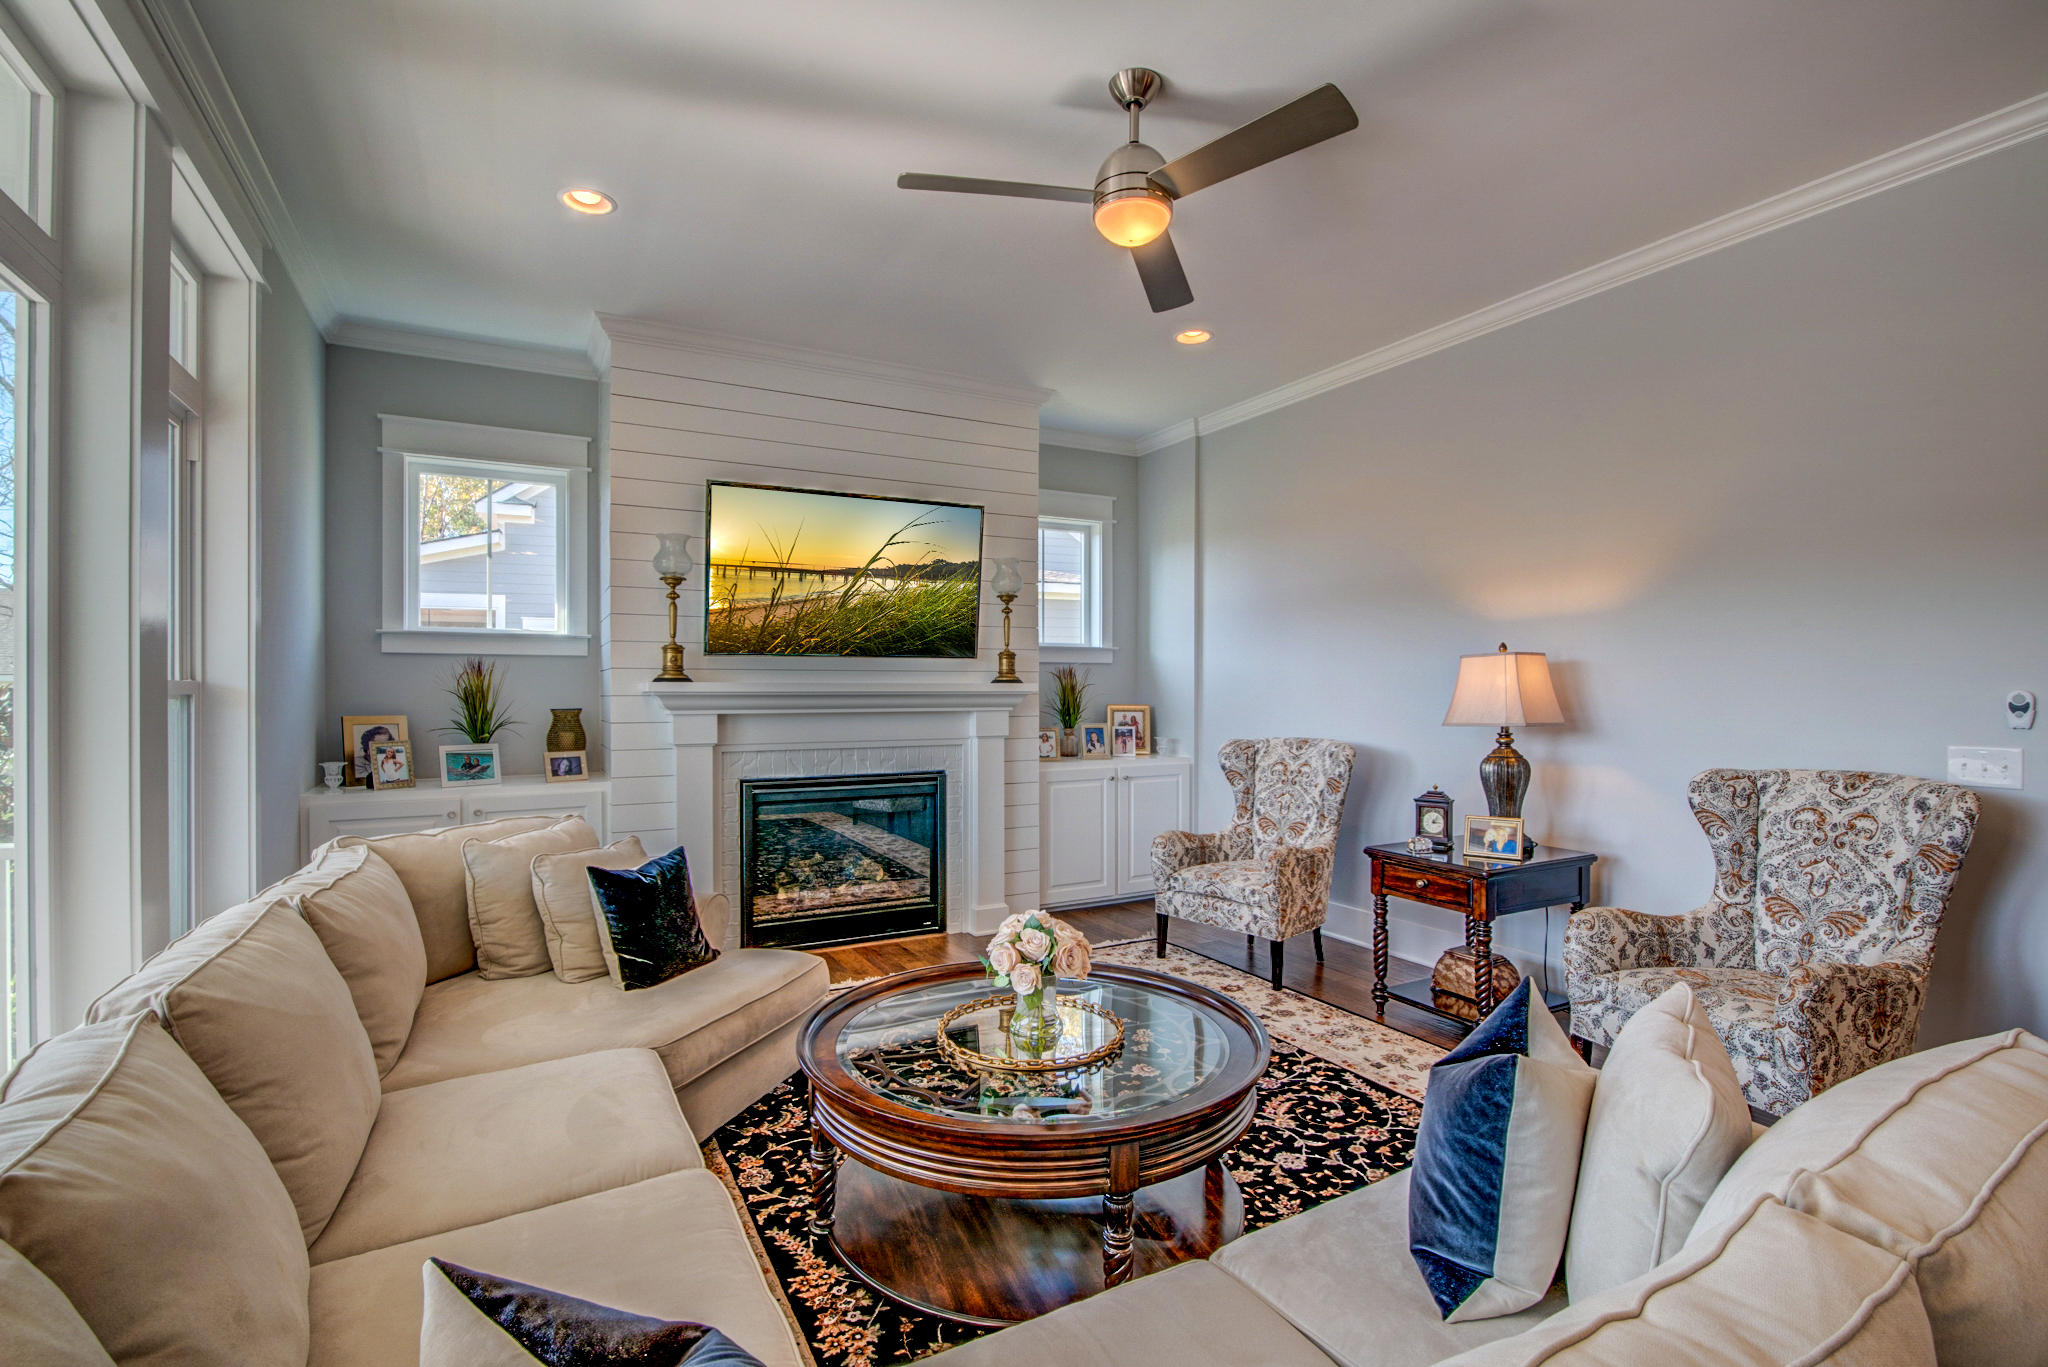 Dunes West Homes For Sale - 2883 River Vista, Mount Pleasant, SC - 51